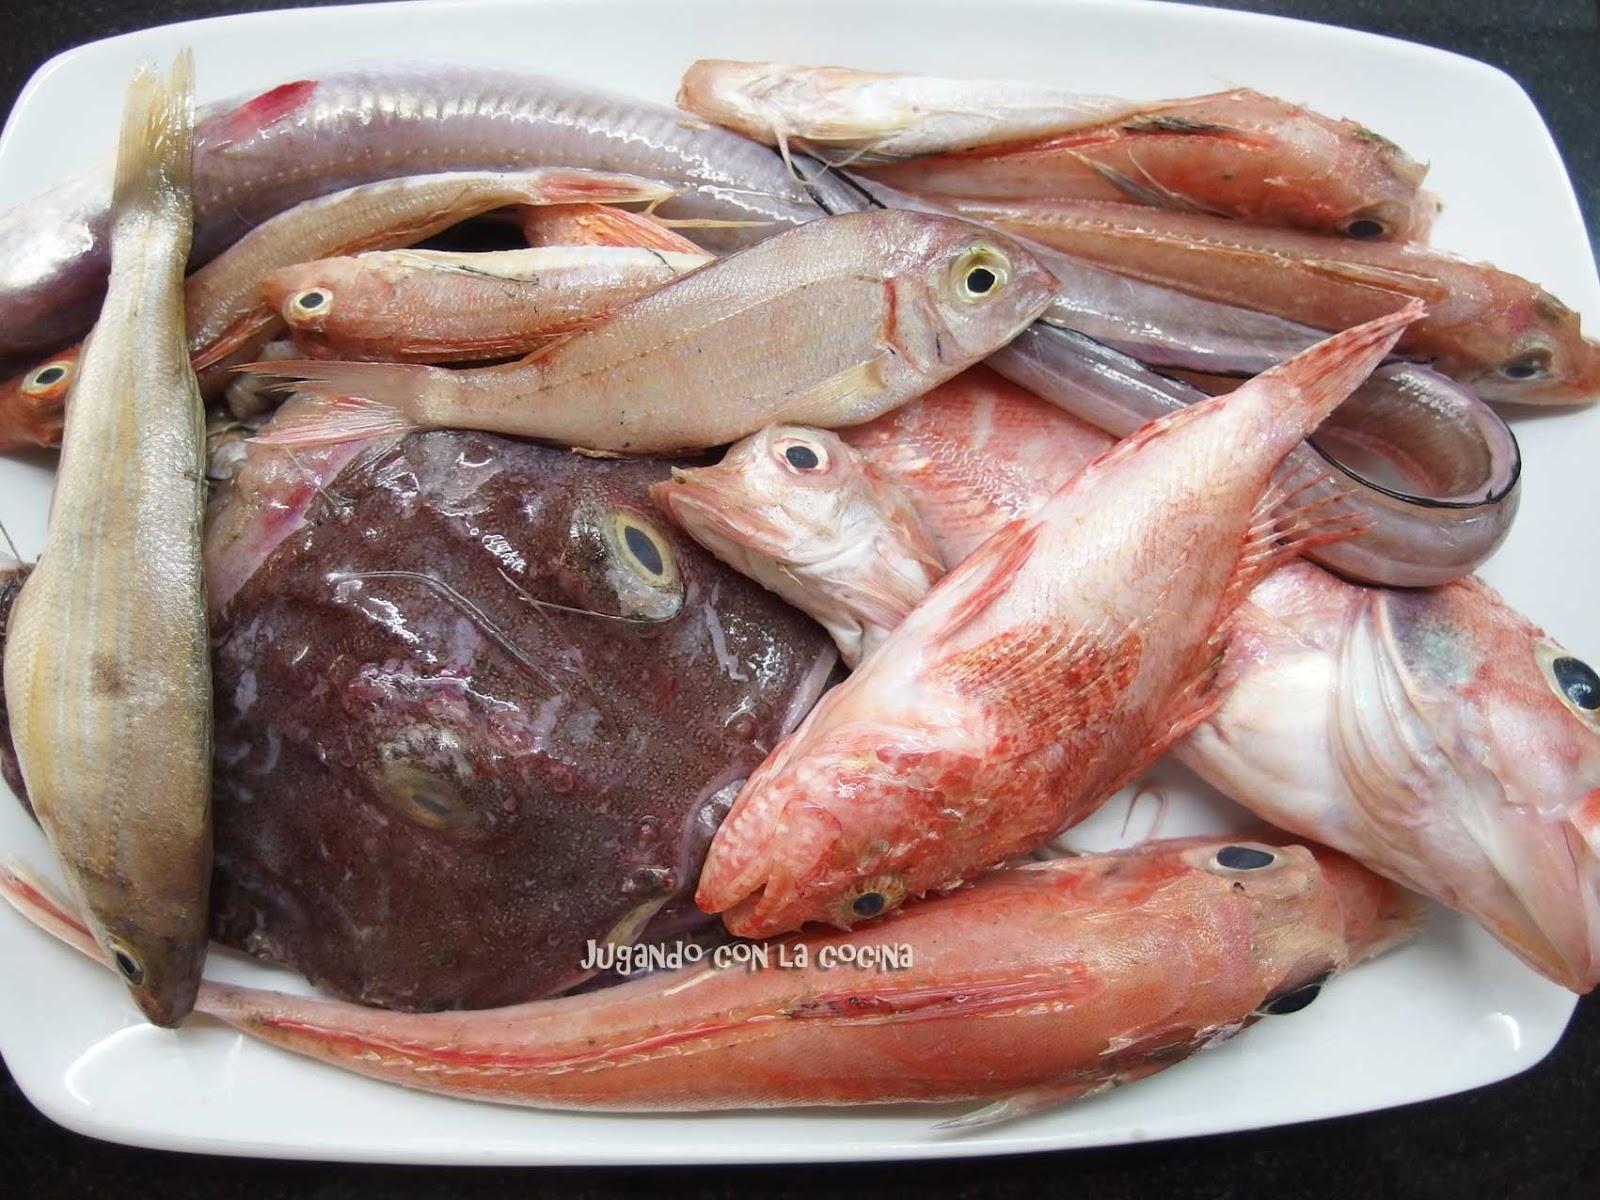 Jugando con la cocina fumet o caldo de pescado de ferran for Ferran adria comida